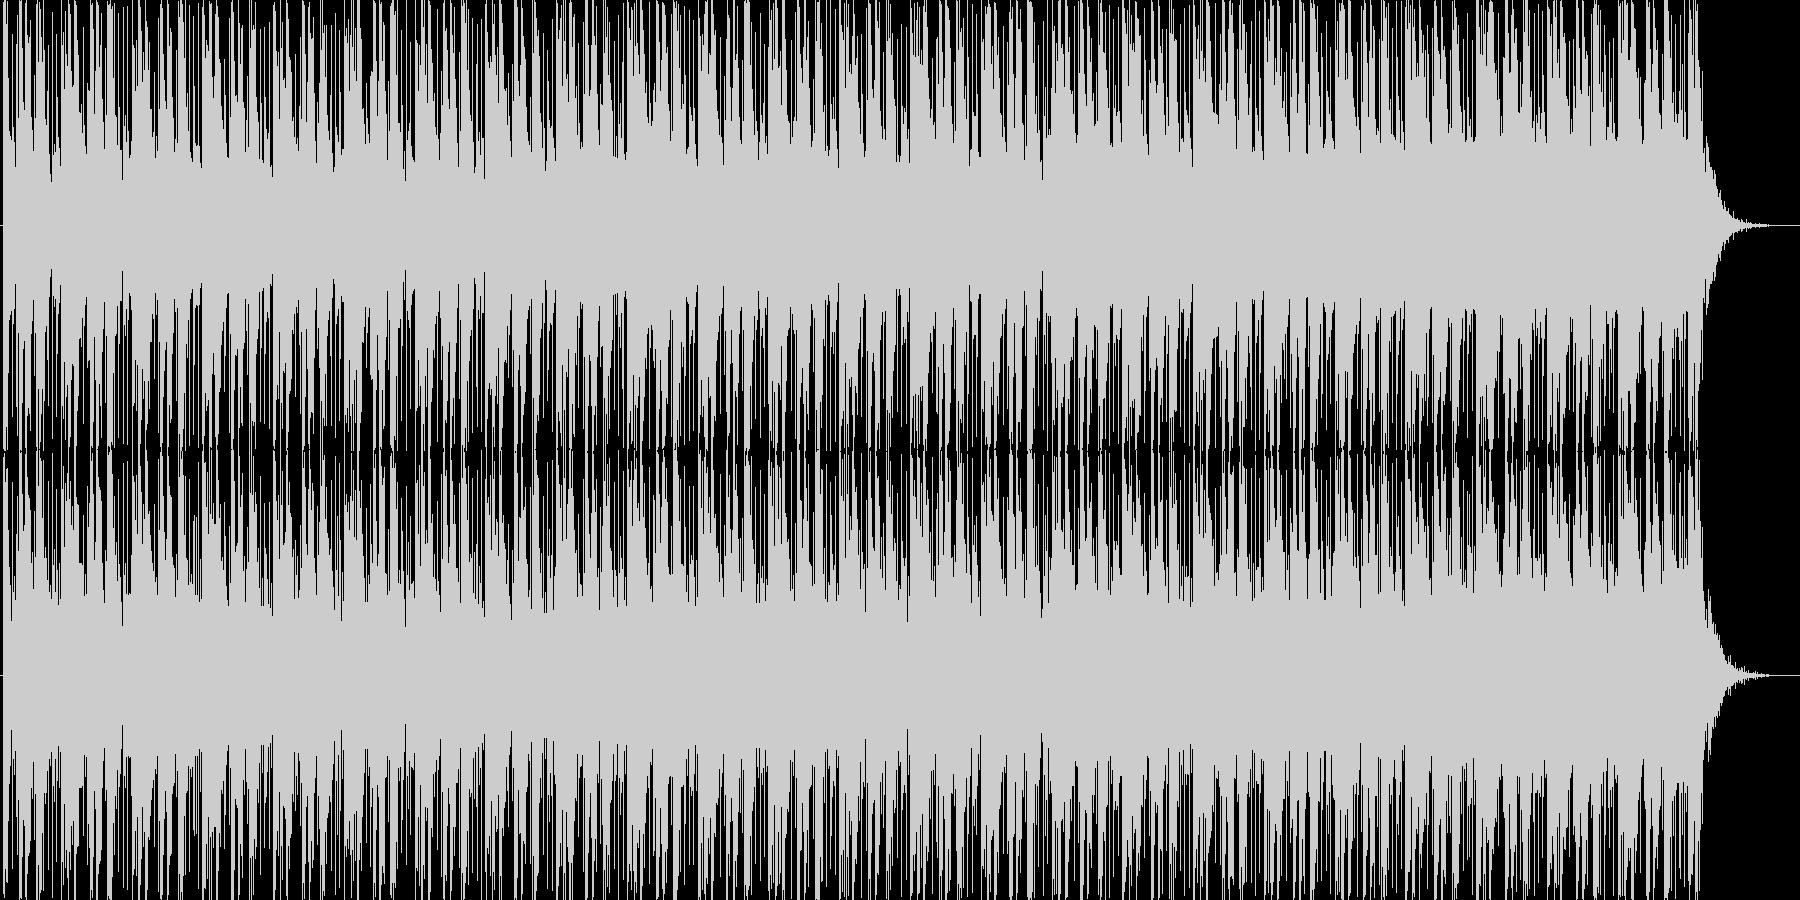 ほのぼの雰囲気のテクノポップの未再生の波形